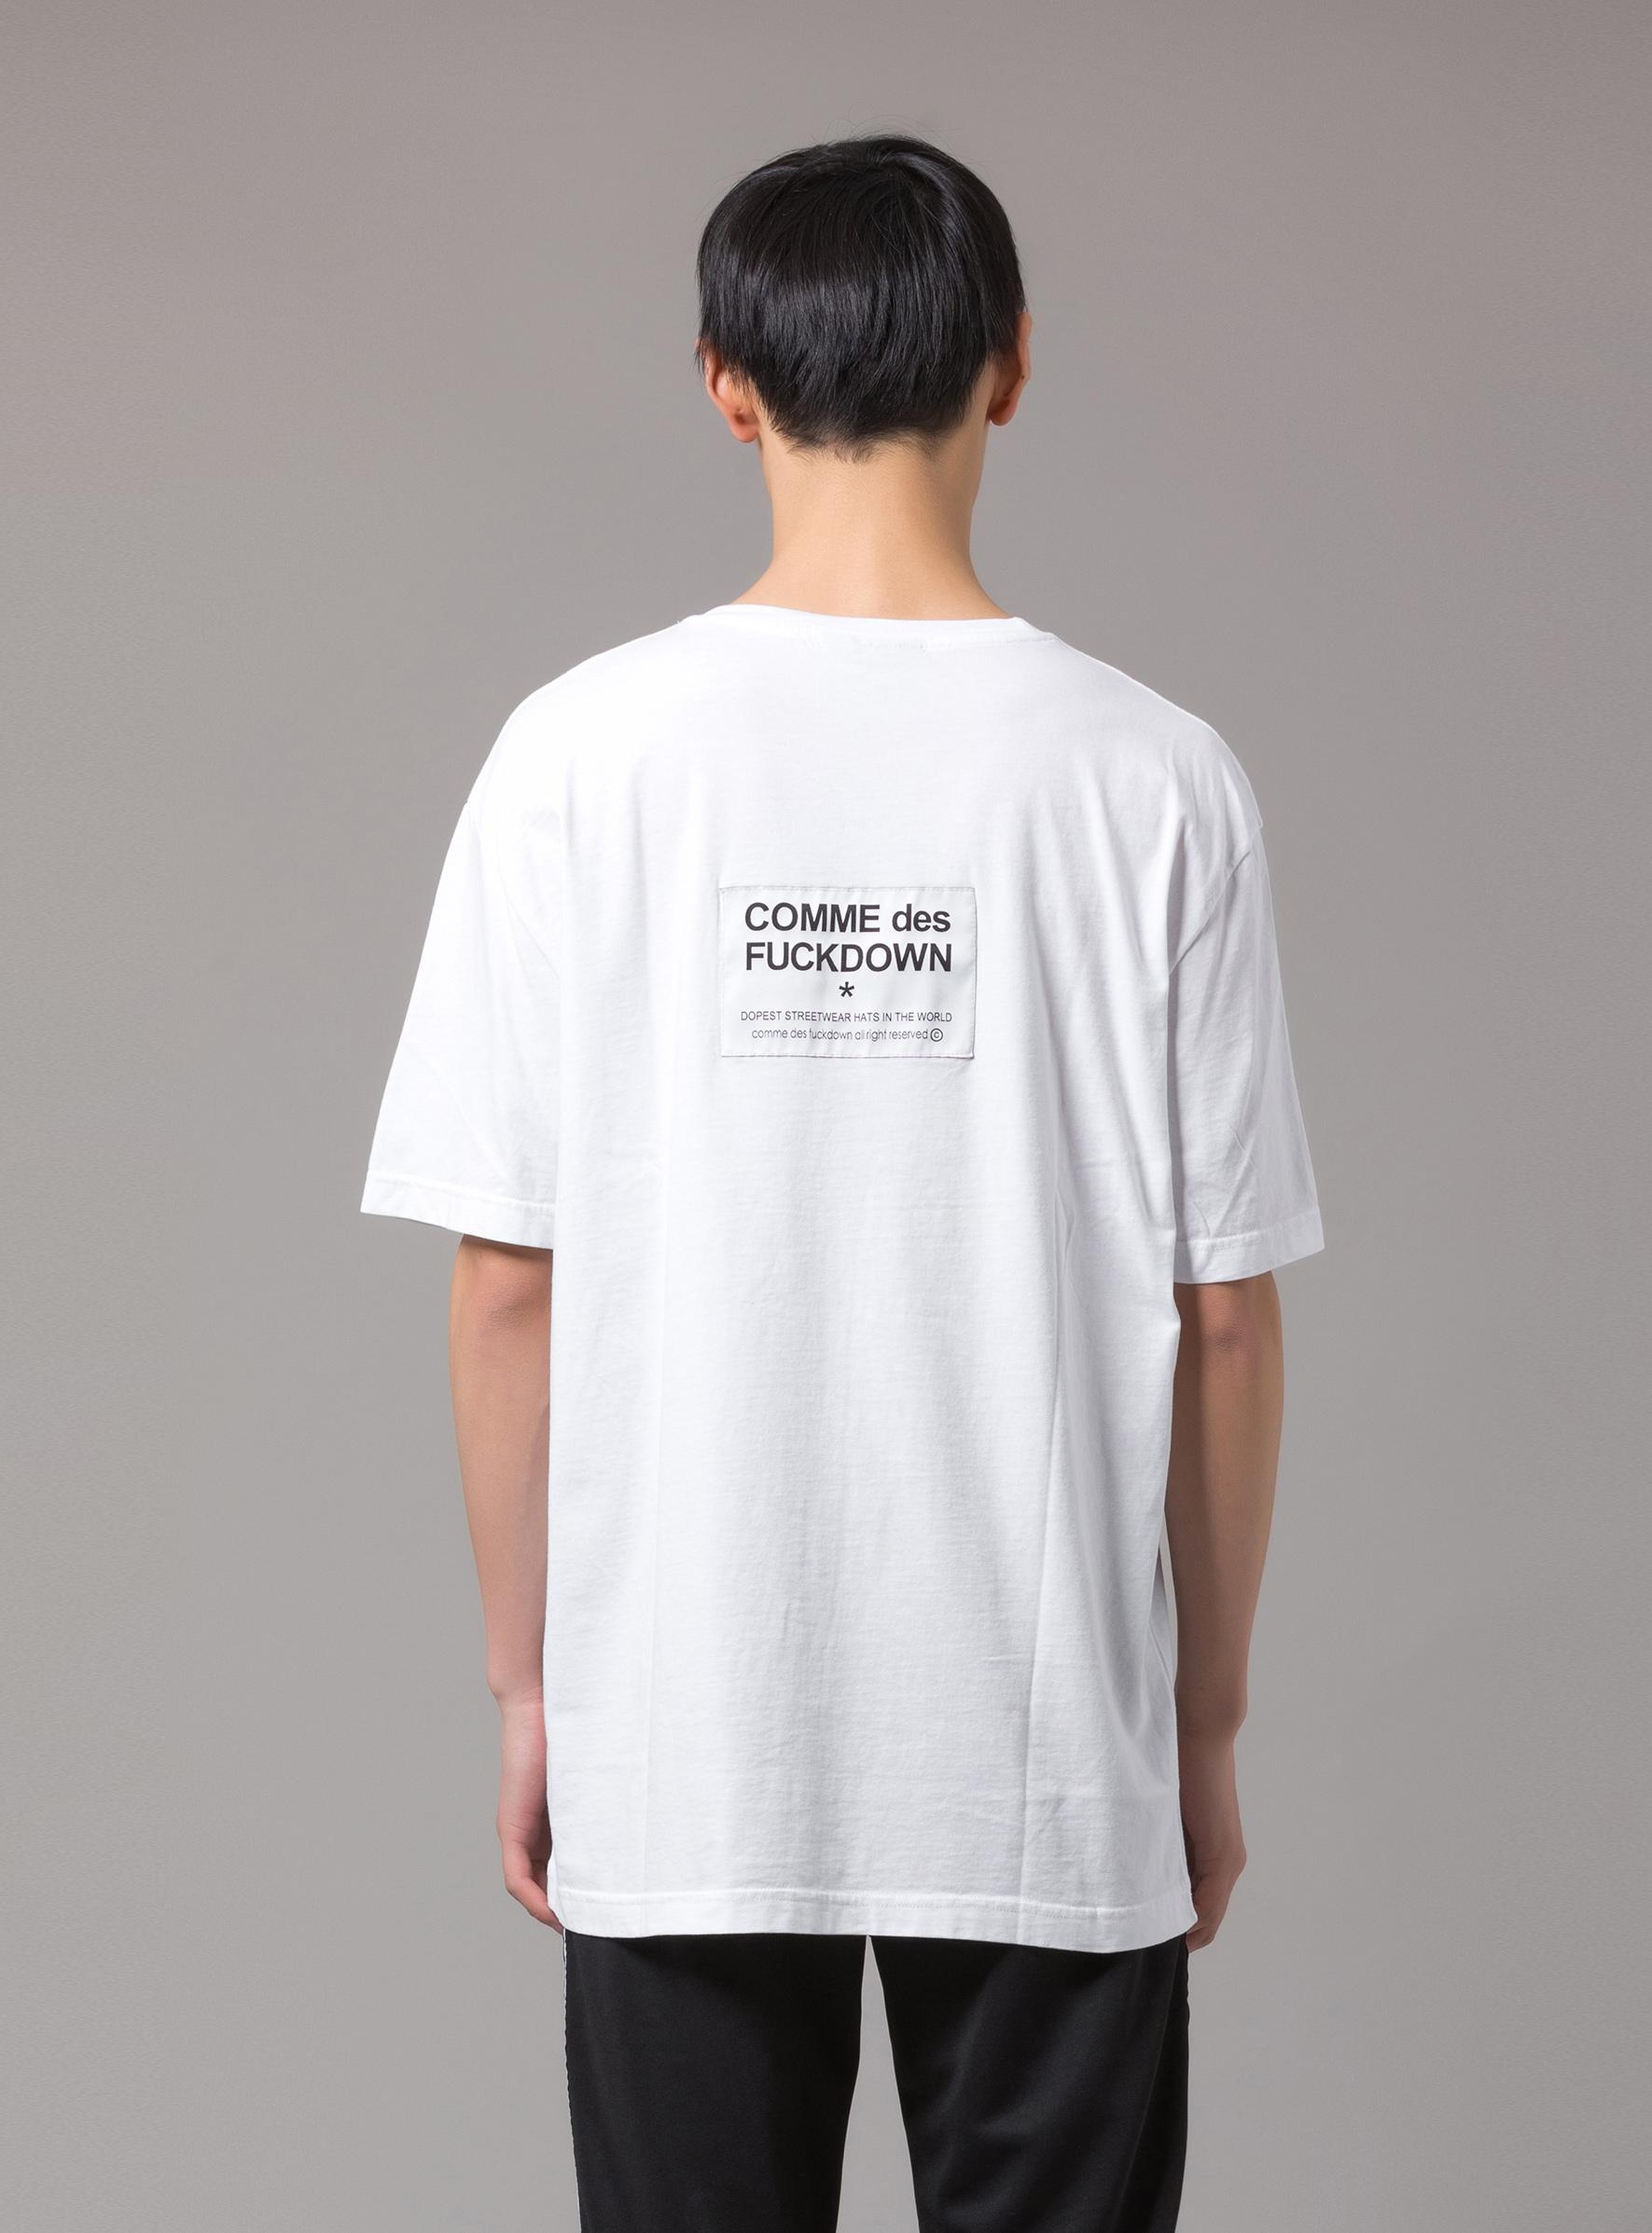 T-SHIRT - CDFU206 - COMME DES FKDOWN